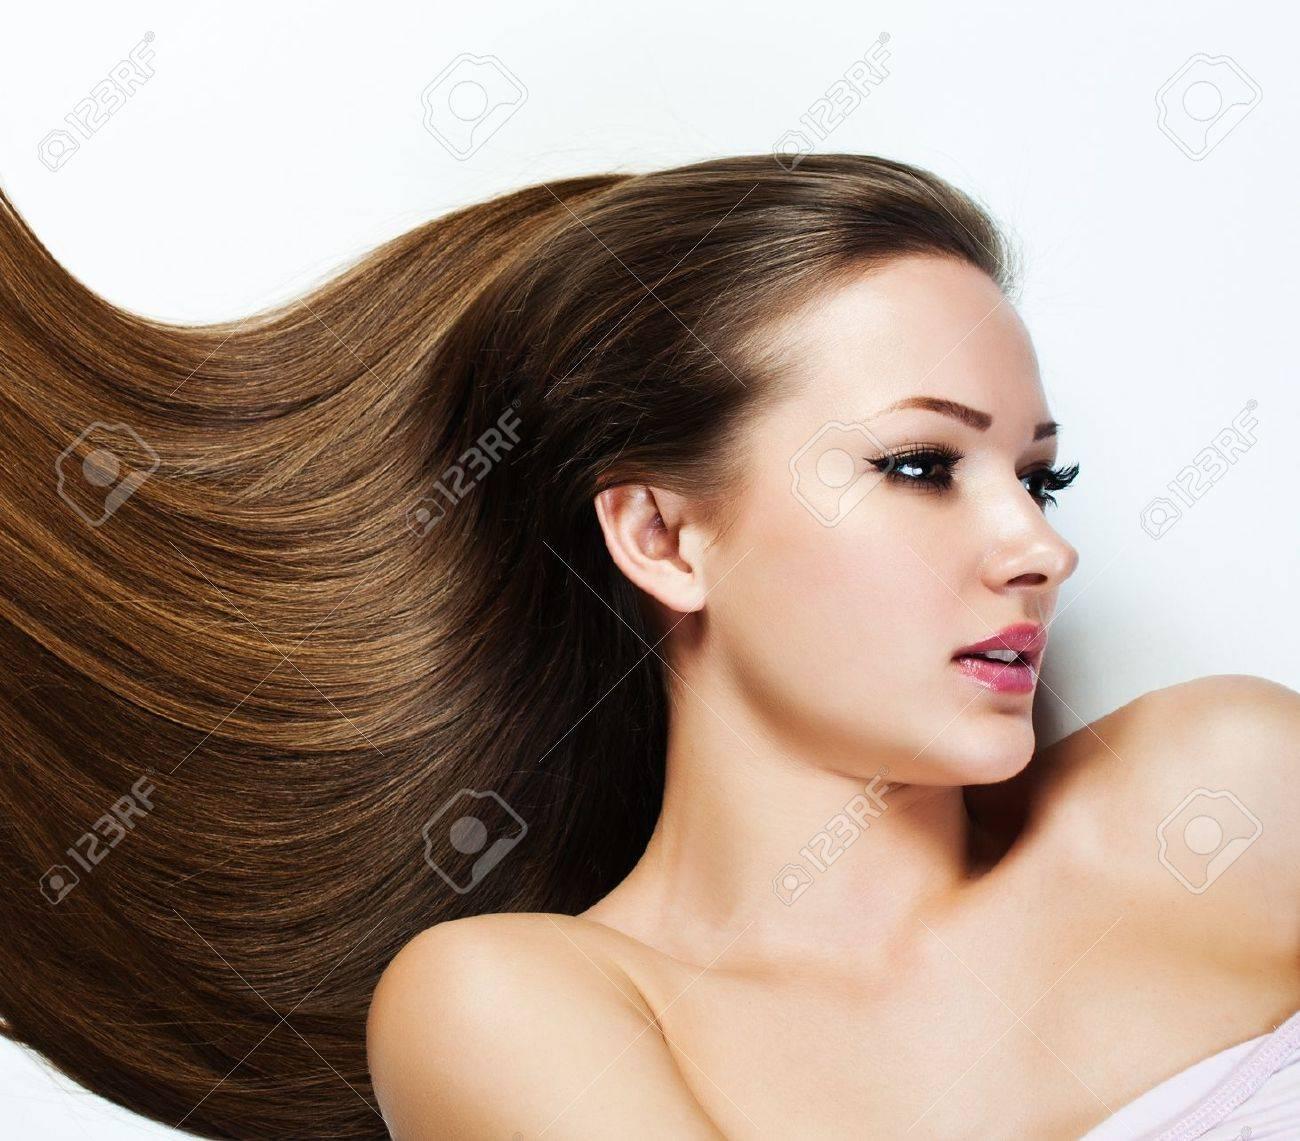 Belle Fille Brunette Cheveux Longs Saine Femme Modele Beaute Coiffure Femme Spa Banque D Images Et Photos Libres De Droits Image 18733678